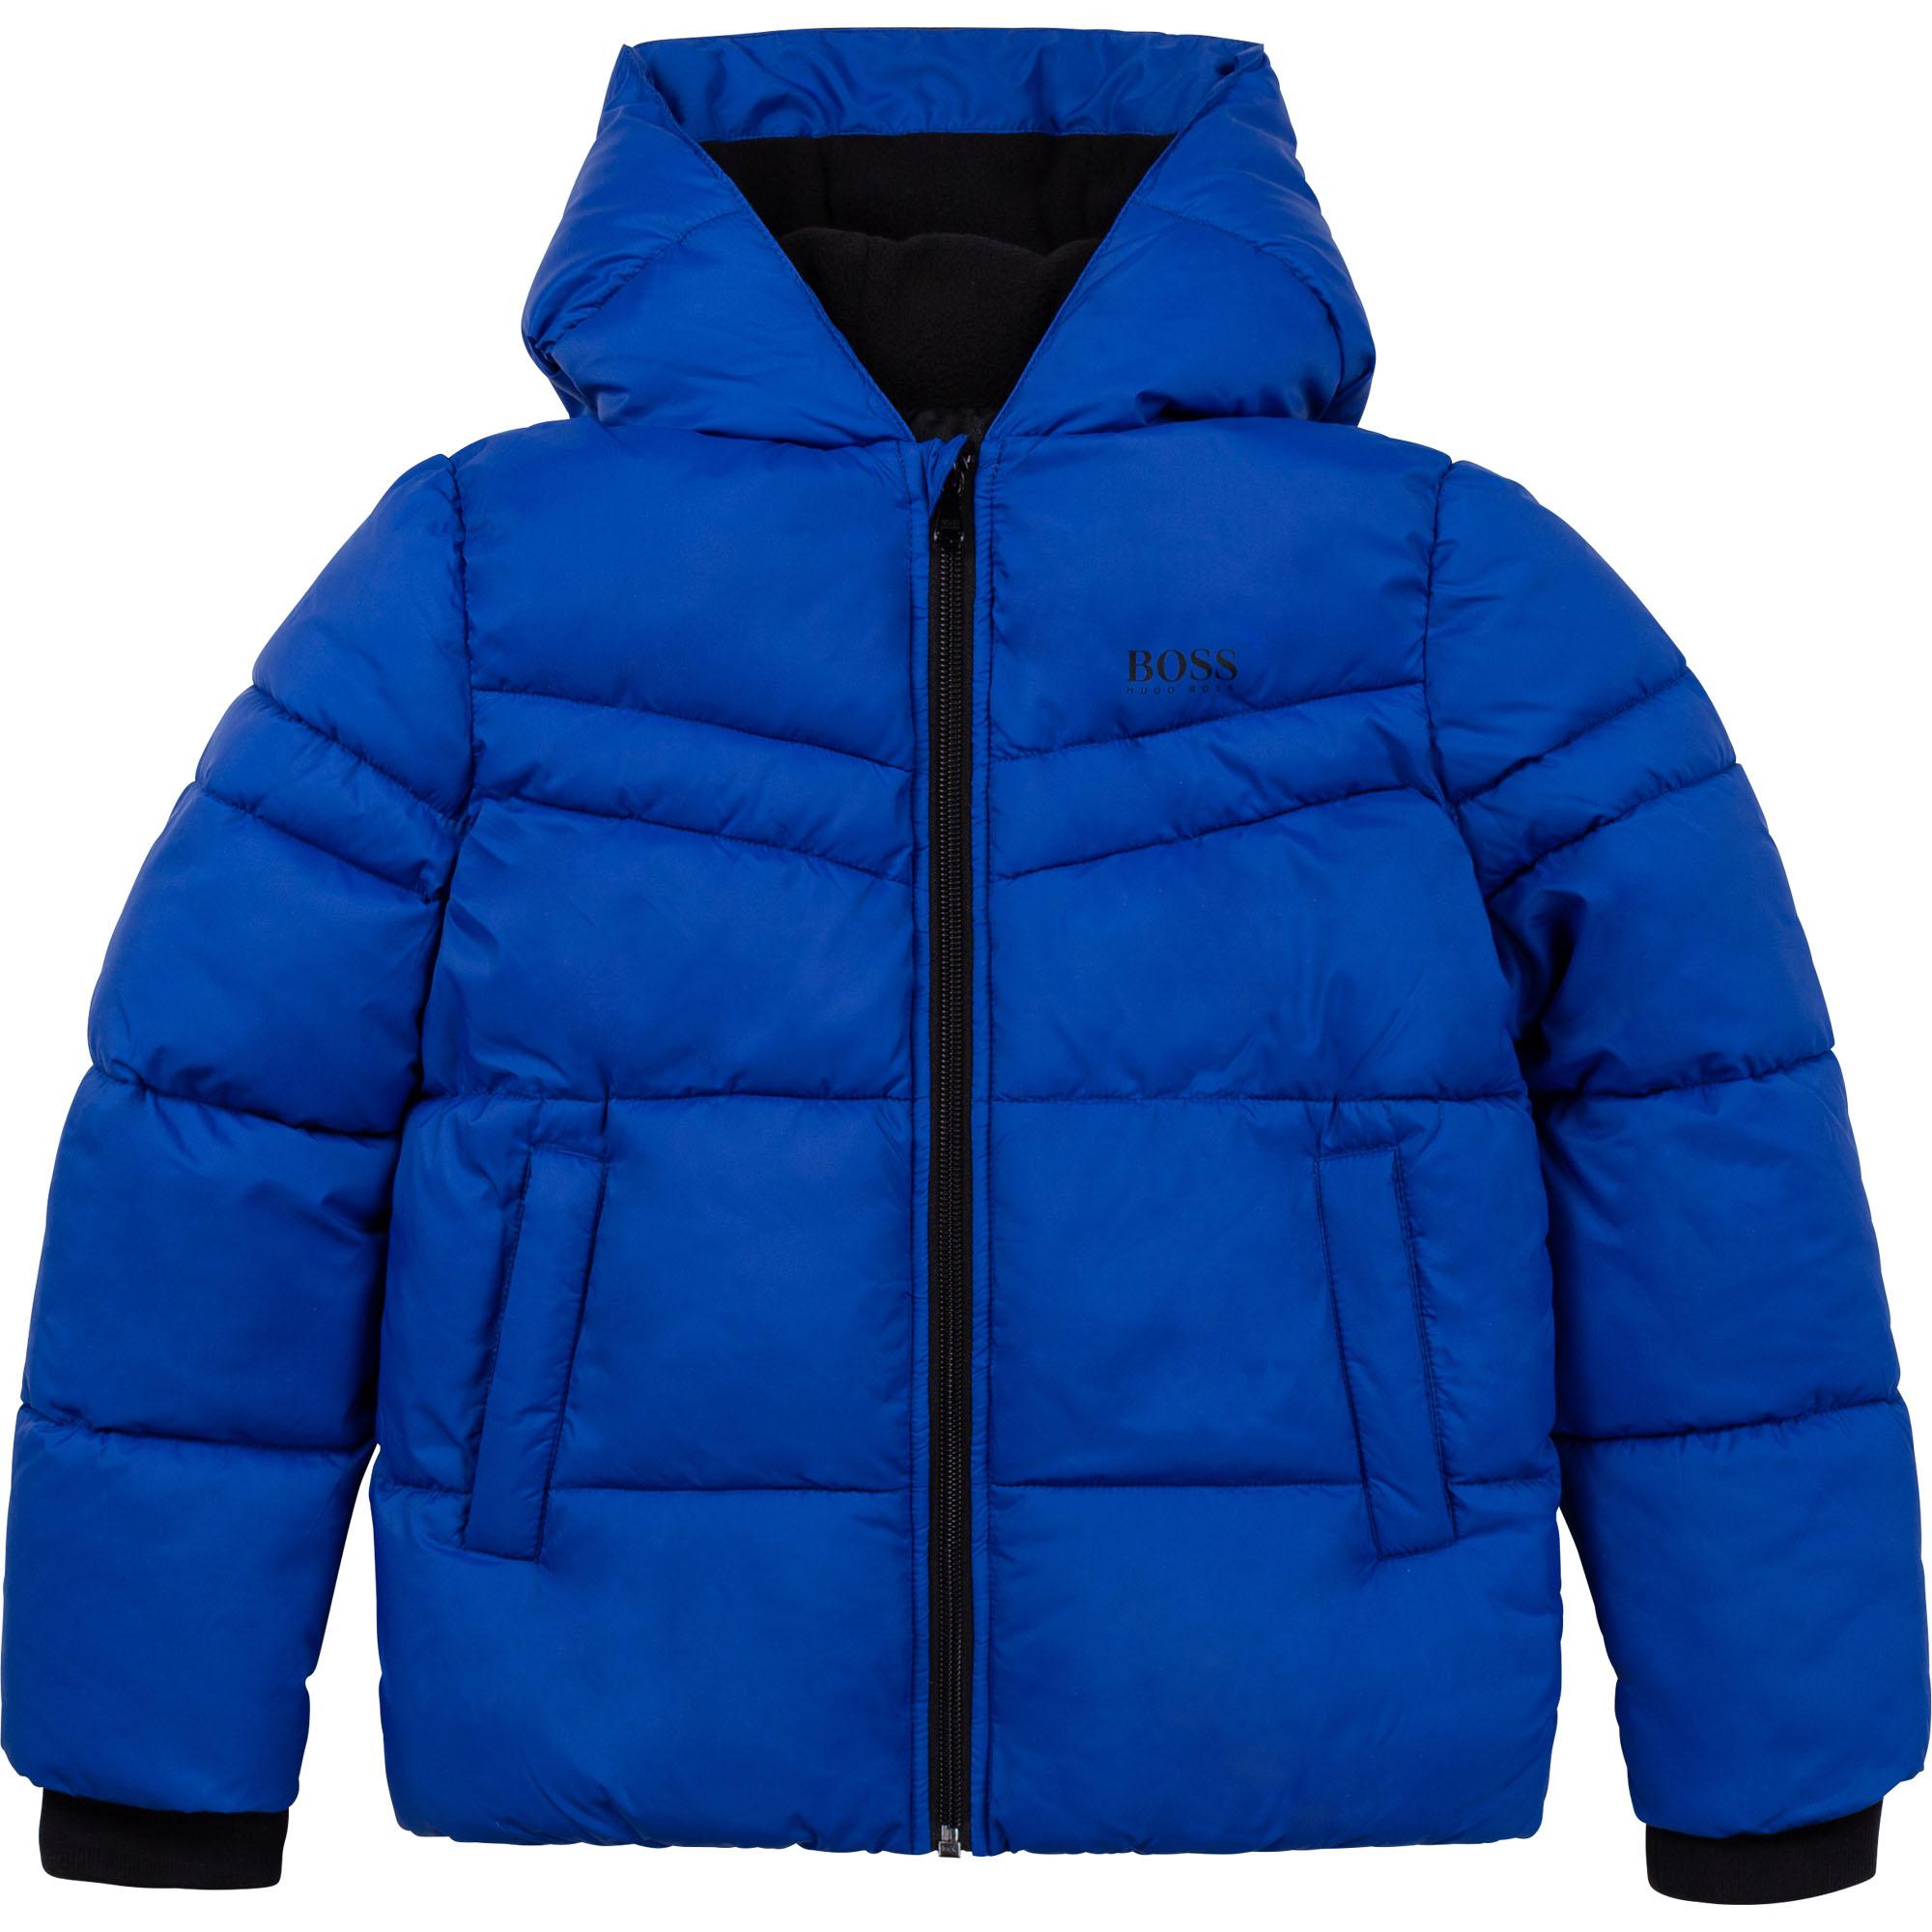 Waterproof hooded puffer jacket BOSS for BOY